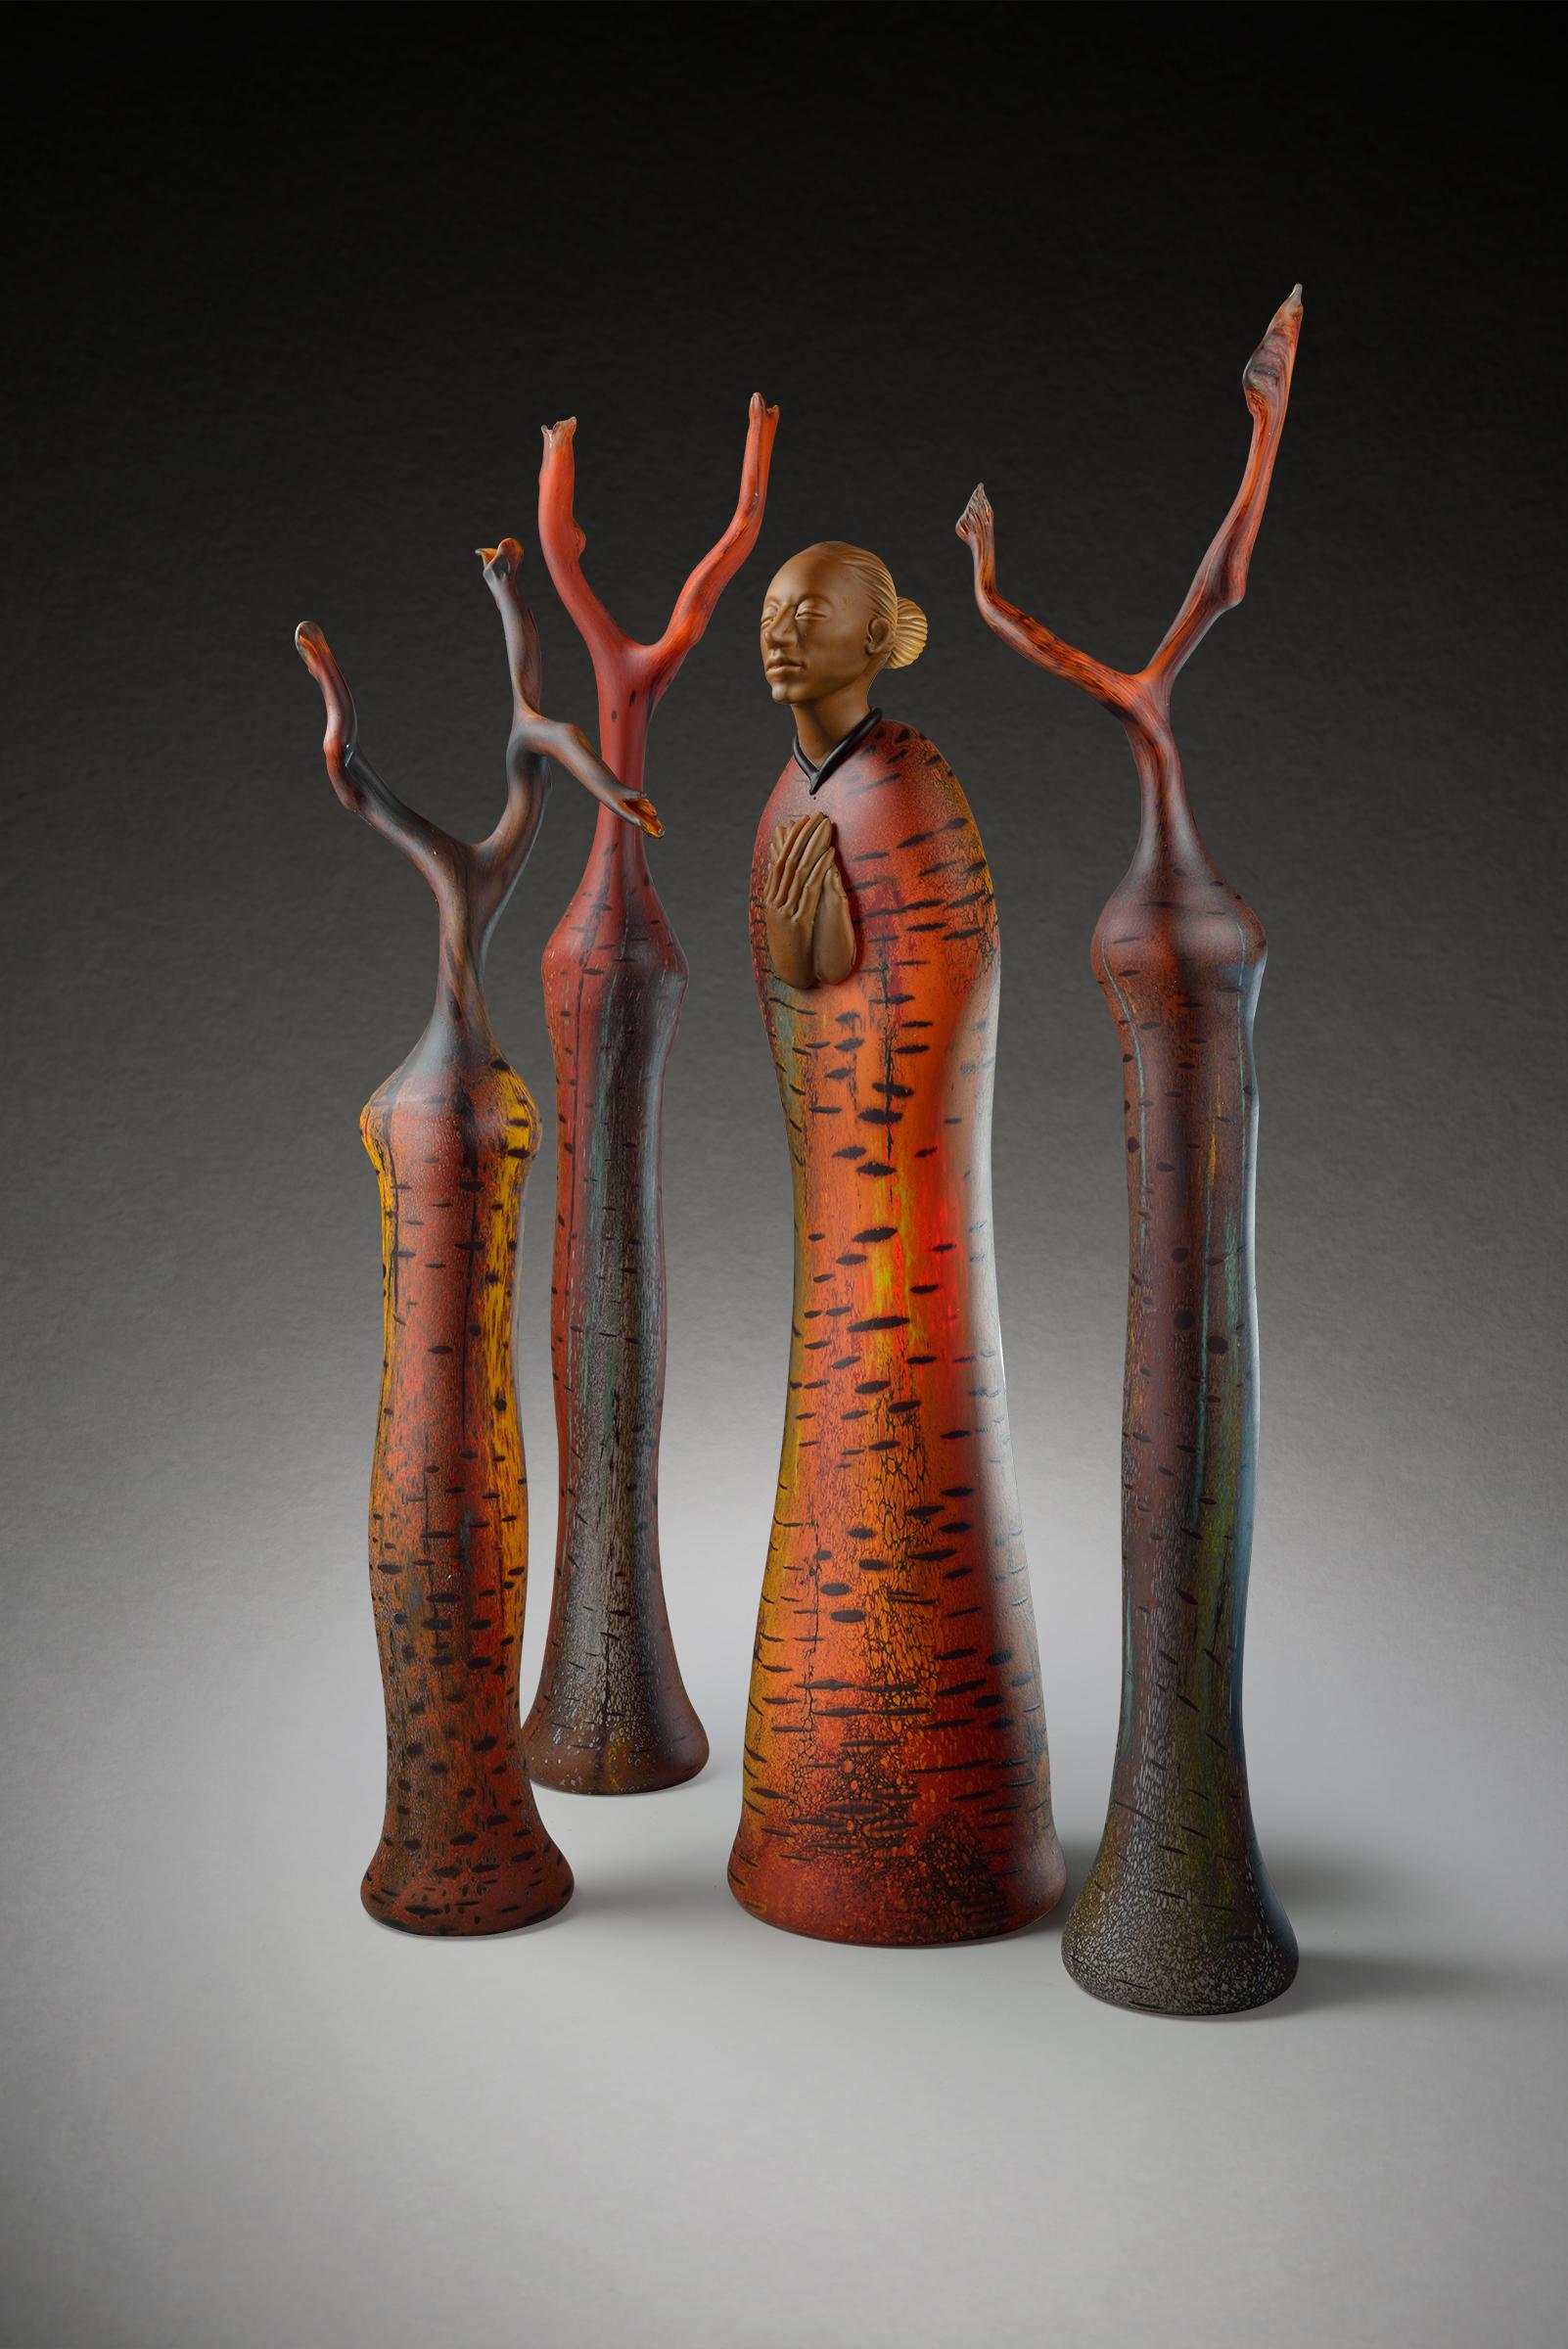 Glass sculpture by Ross Richmond and Randy Walker